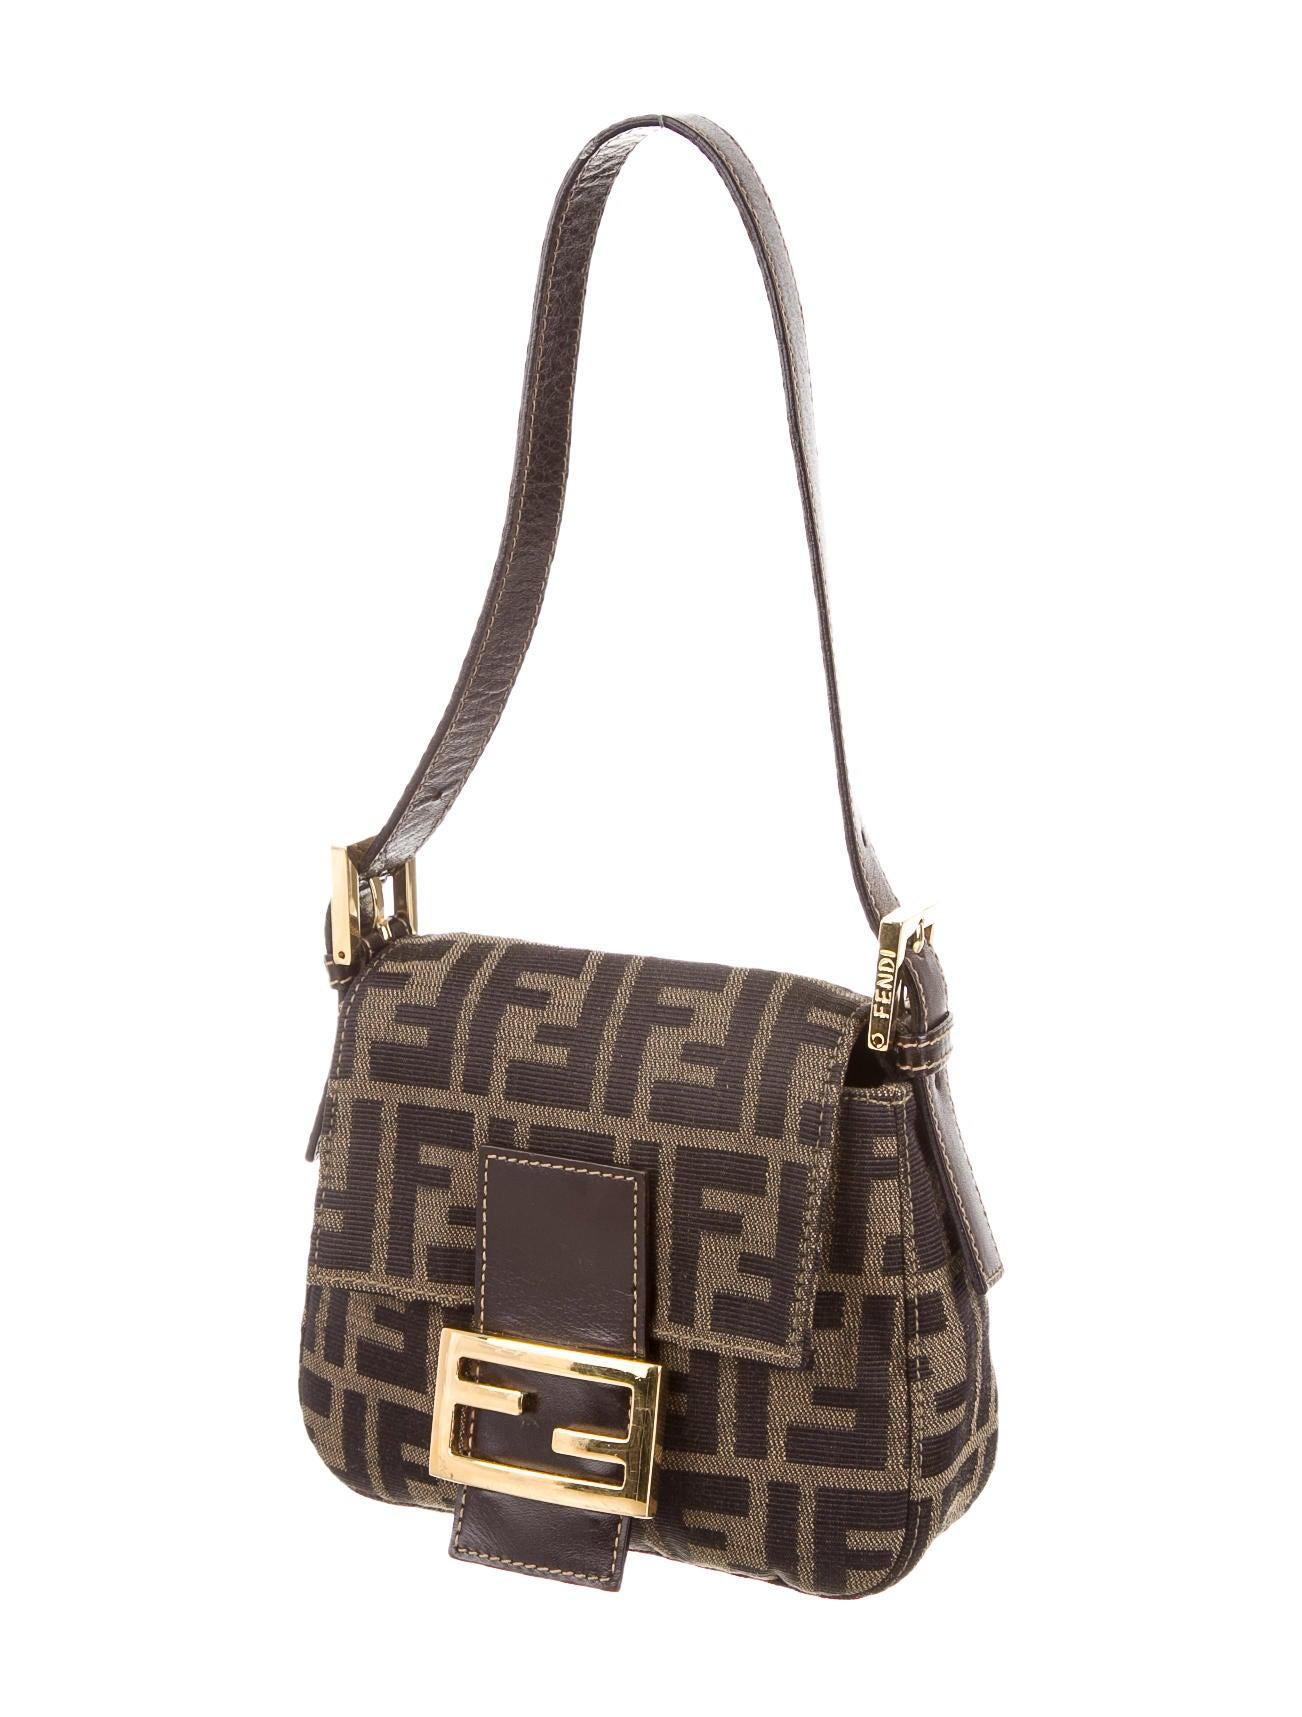 Fendi Handle Bag Handbags Fen33630 The Realreal